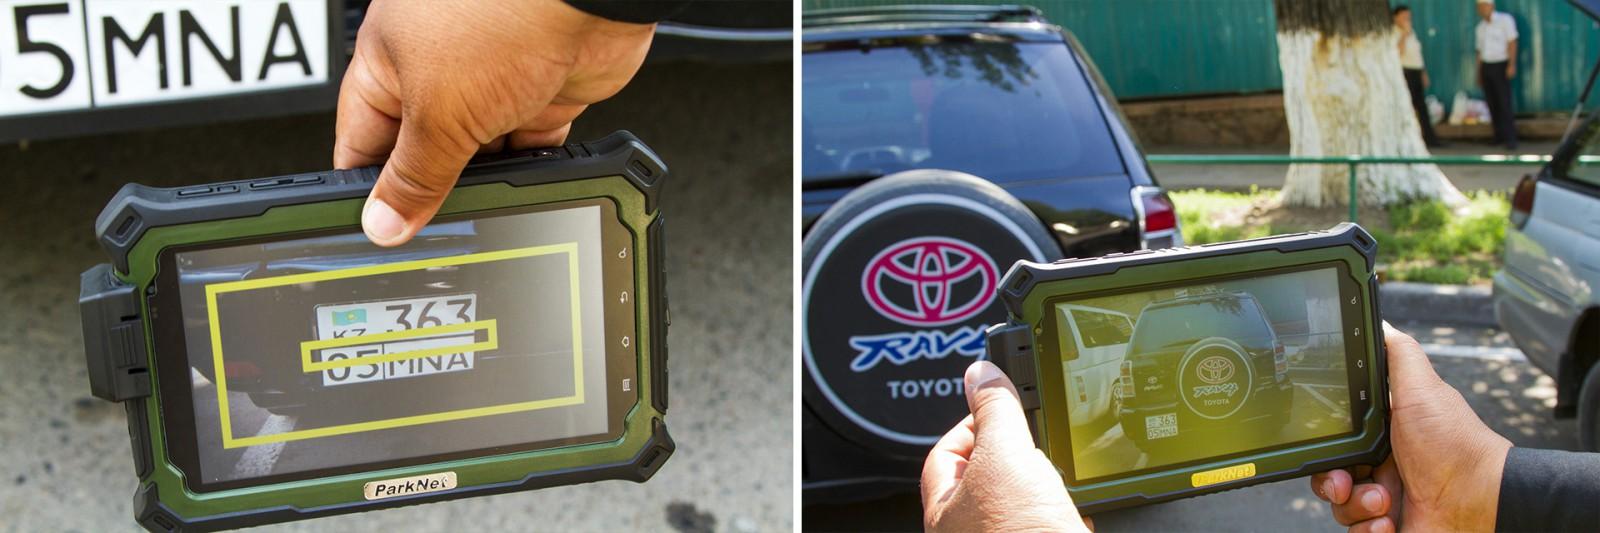 В Перми за паркующимися на газонах будут следить с помощью портативного фотофиксатора